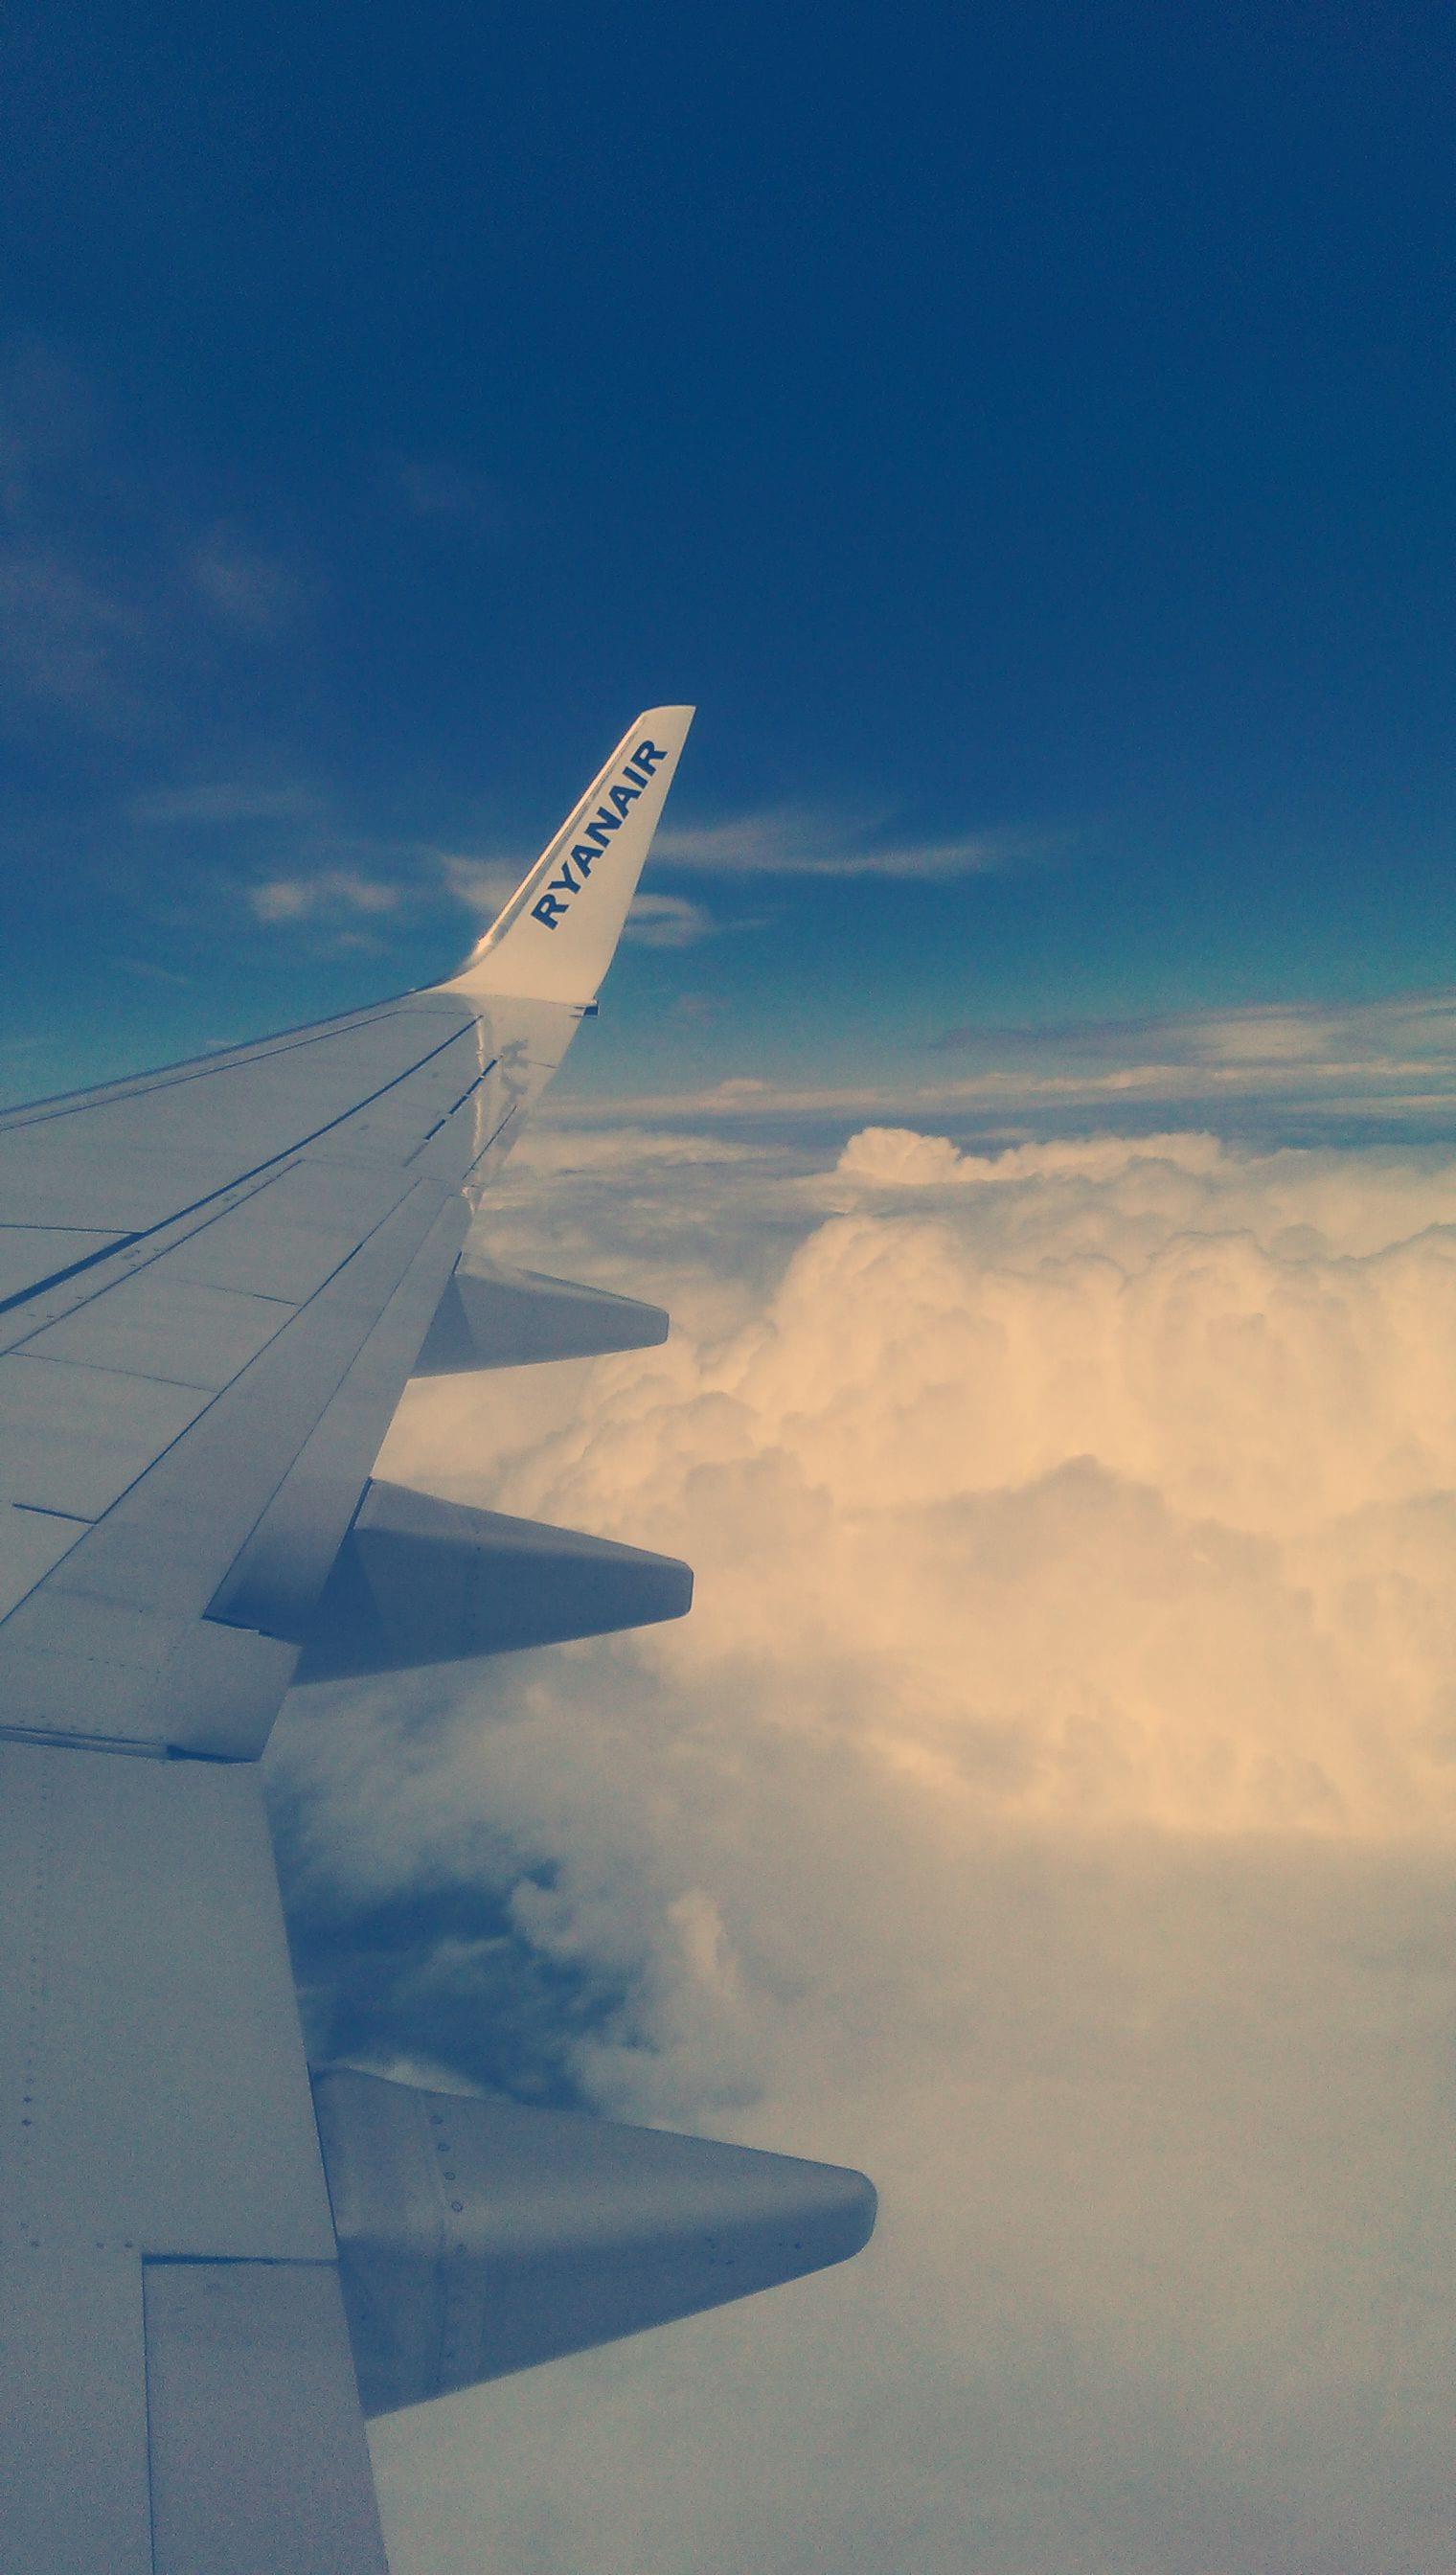 günstige flüge nach london